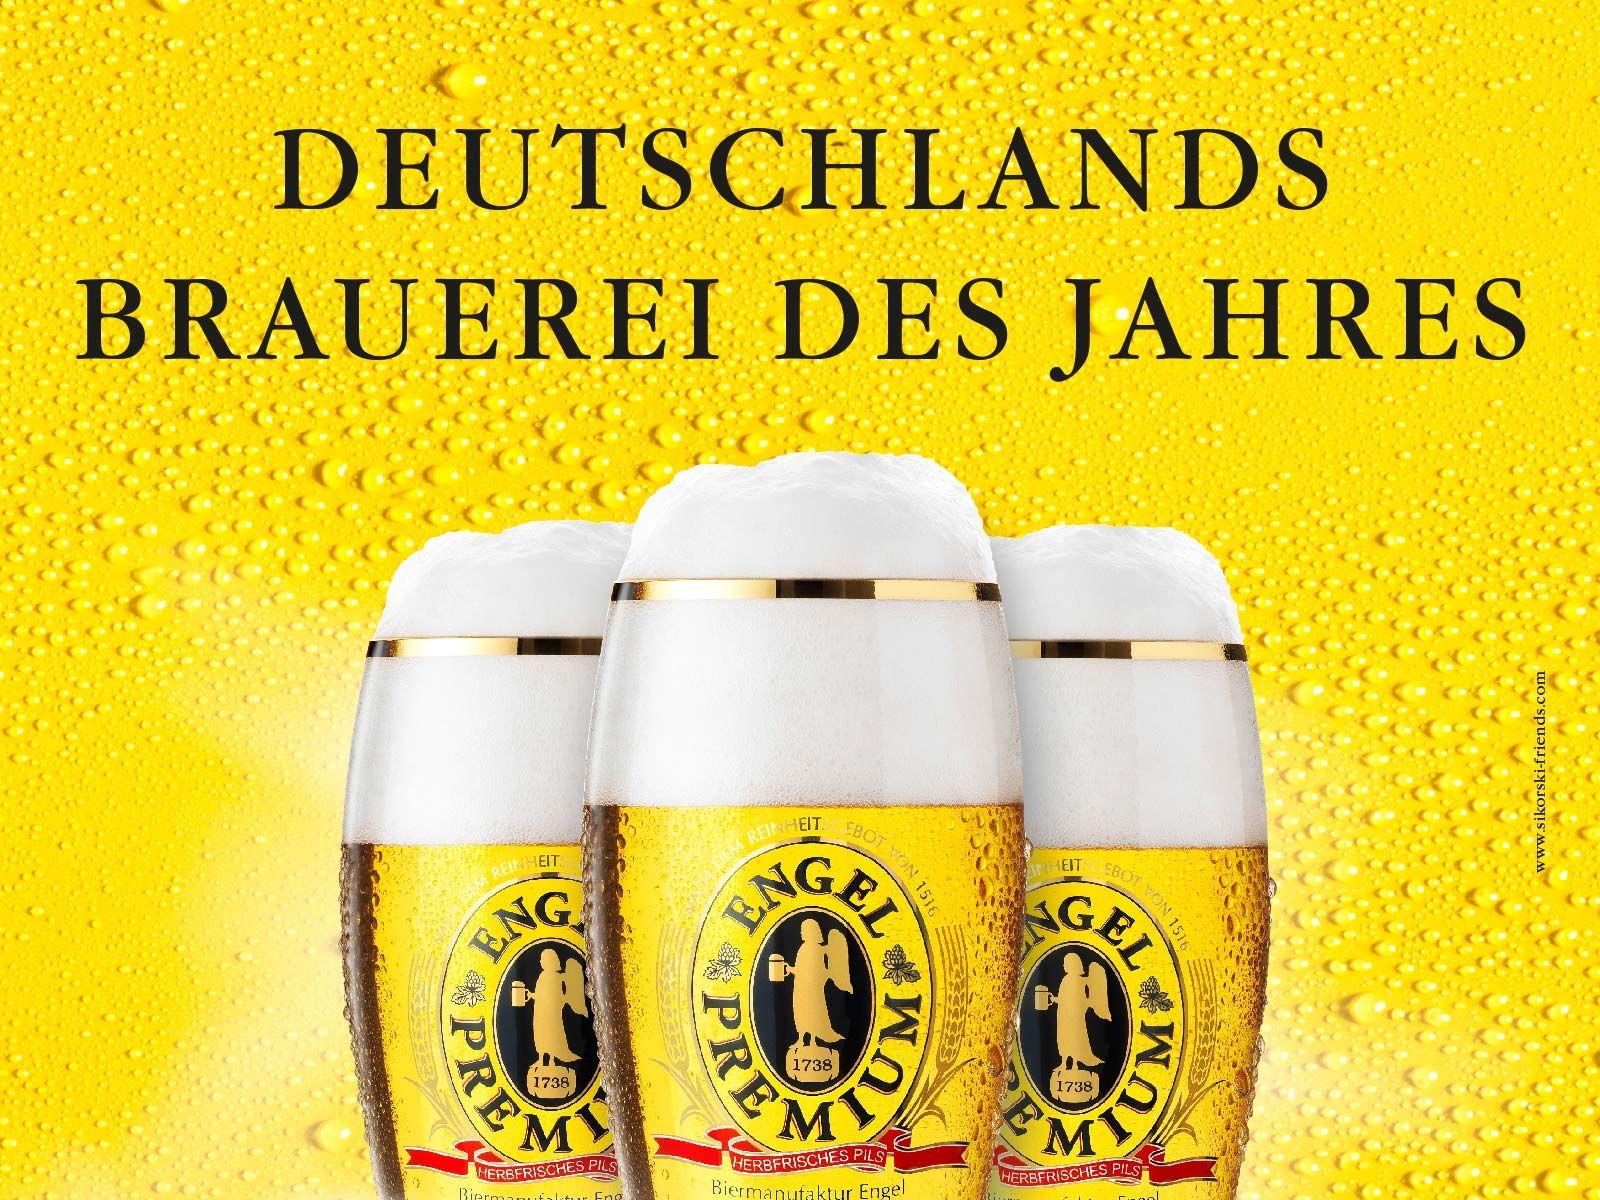 Deutschlands Brauerei des Jahres